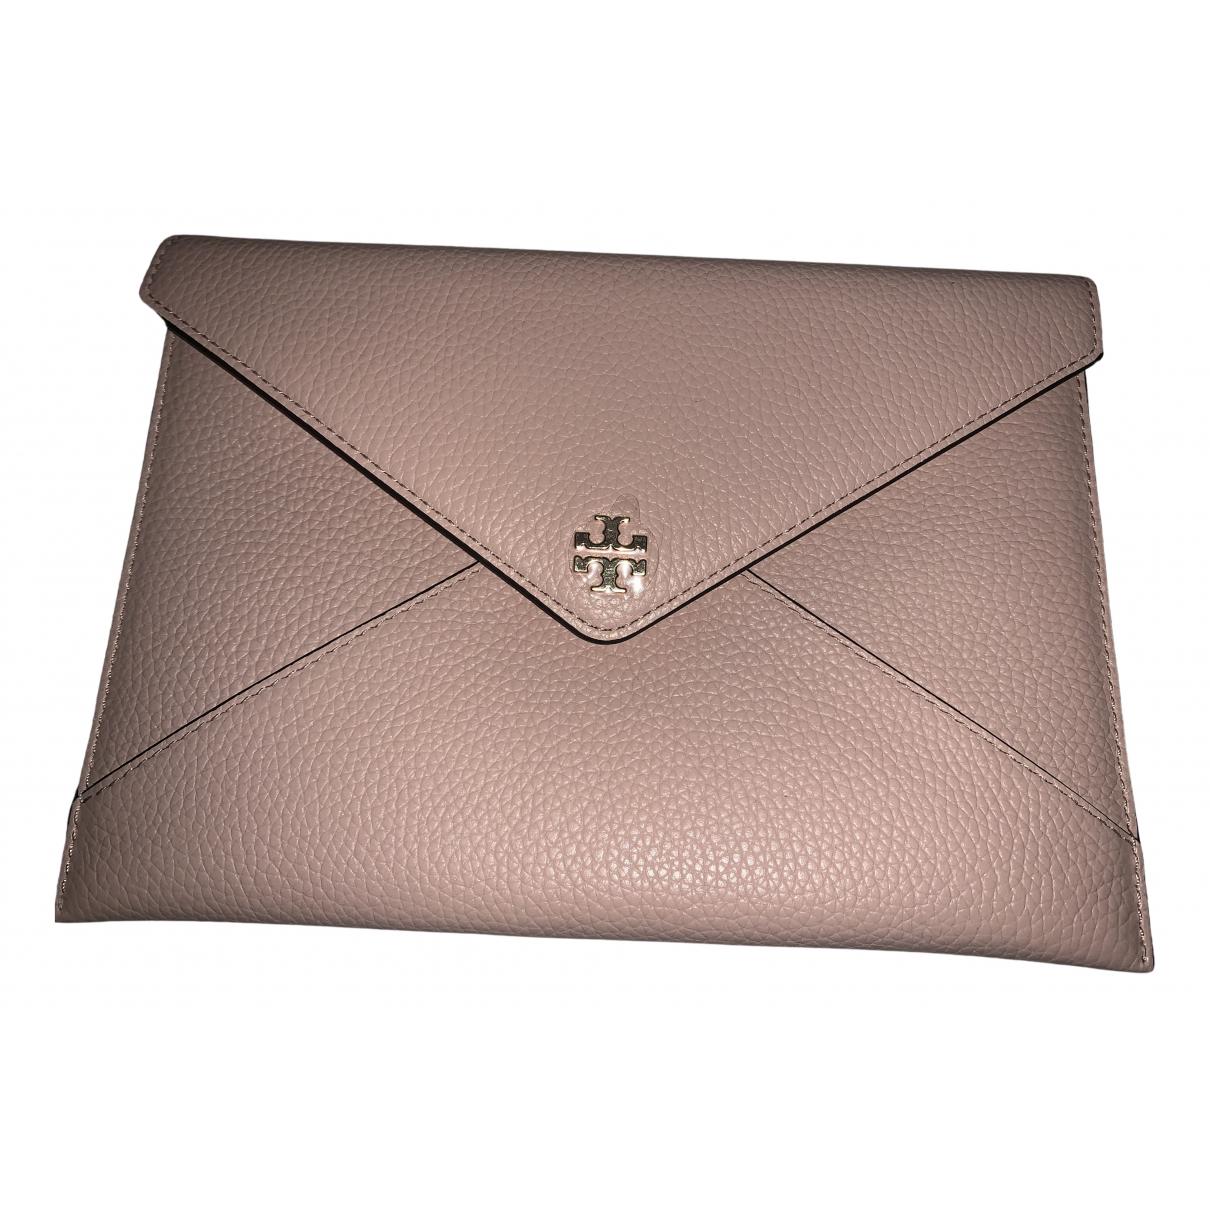 Tory Burch - Pochette   pour femme en cuir - rose